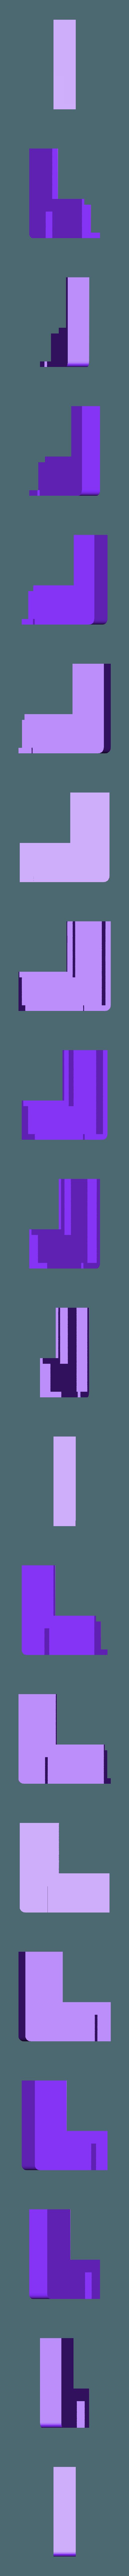 Glass_Adaptor_C.stl Télécharger fichier STL gratuit Adaptateur en verre 225 mm à 215 mm • Plan imprimable en 3D, Pipapelaa